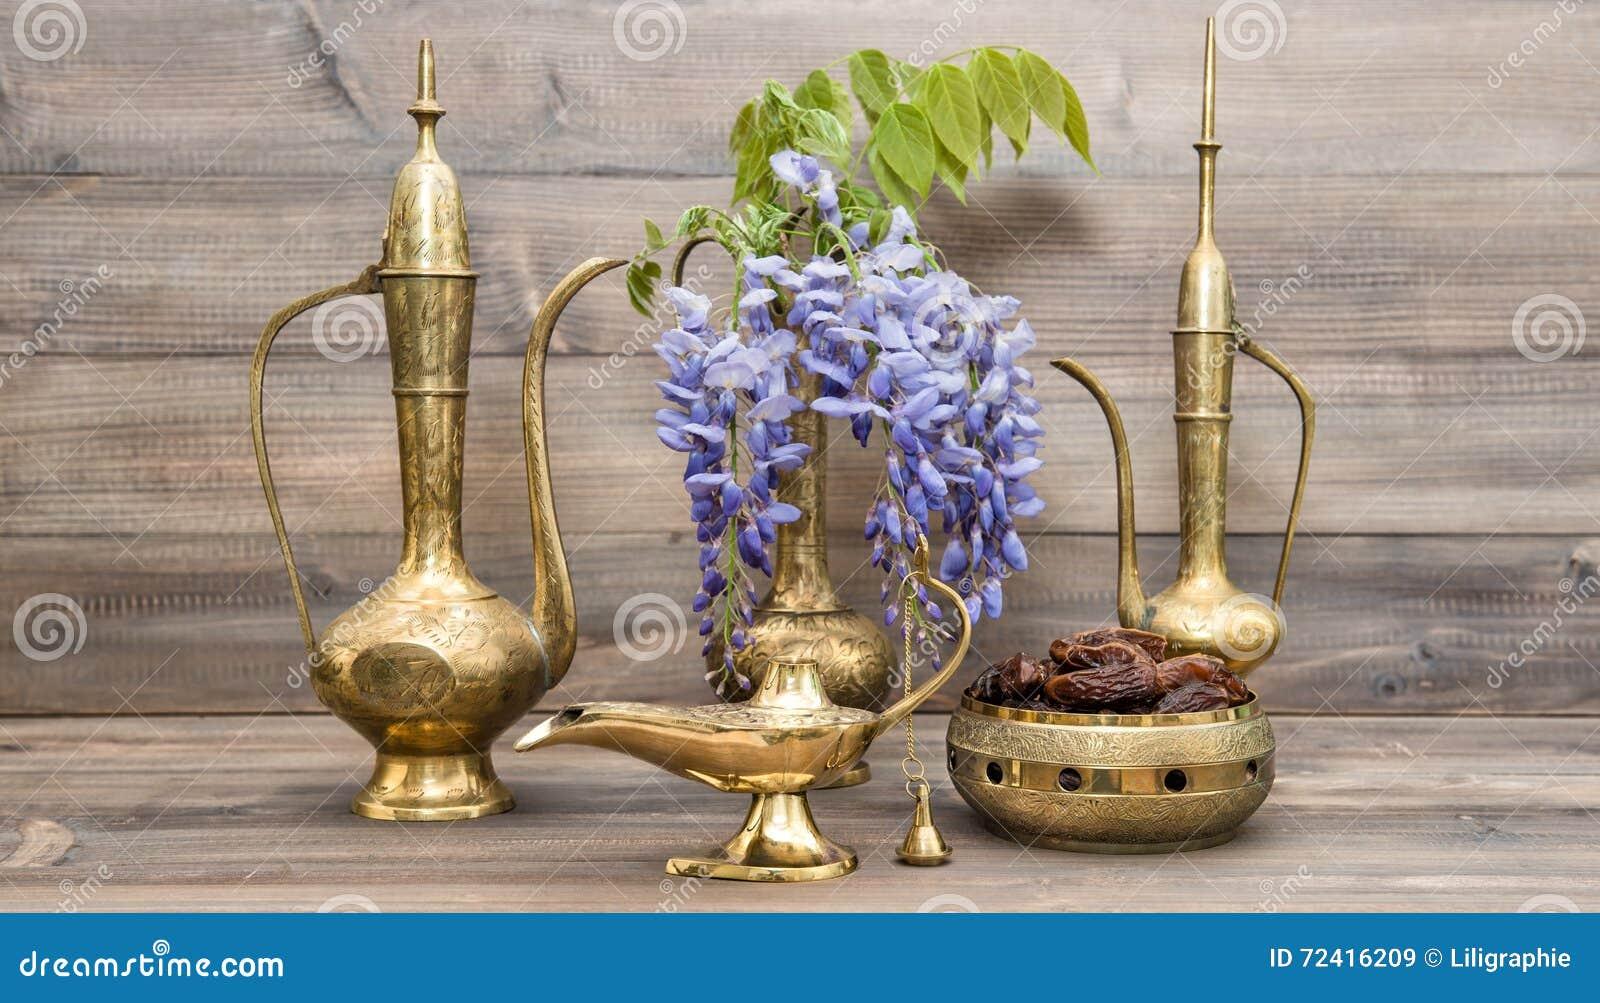 Uitstekende Arabische Van Kruikvruchten En Bloemen Gouden Oosterse Decoratie Stock Afbeelding Image Of Bloemen Ramadan 72416209